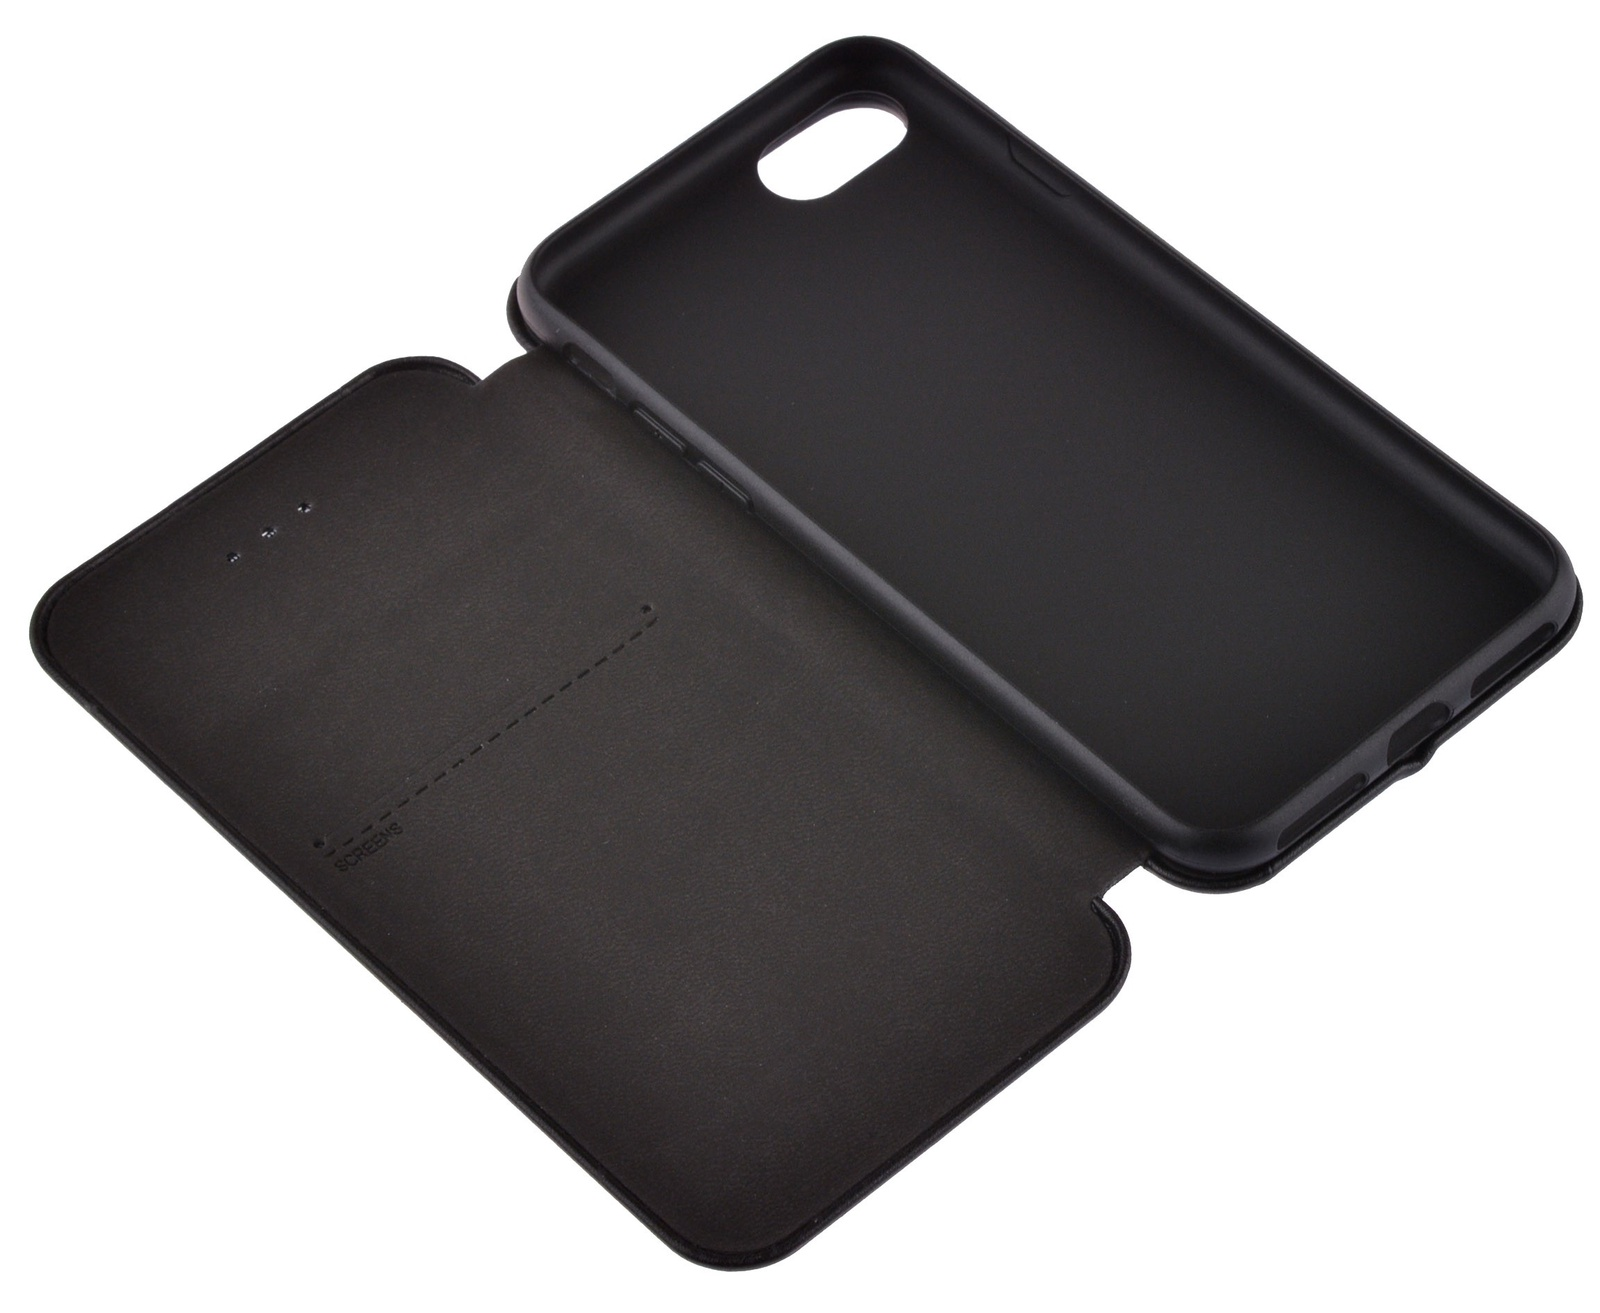 Чехол для сотового телефона skinBOX Screens, 4660041408317, черный цена и фото